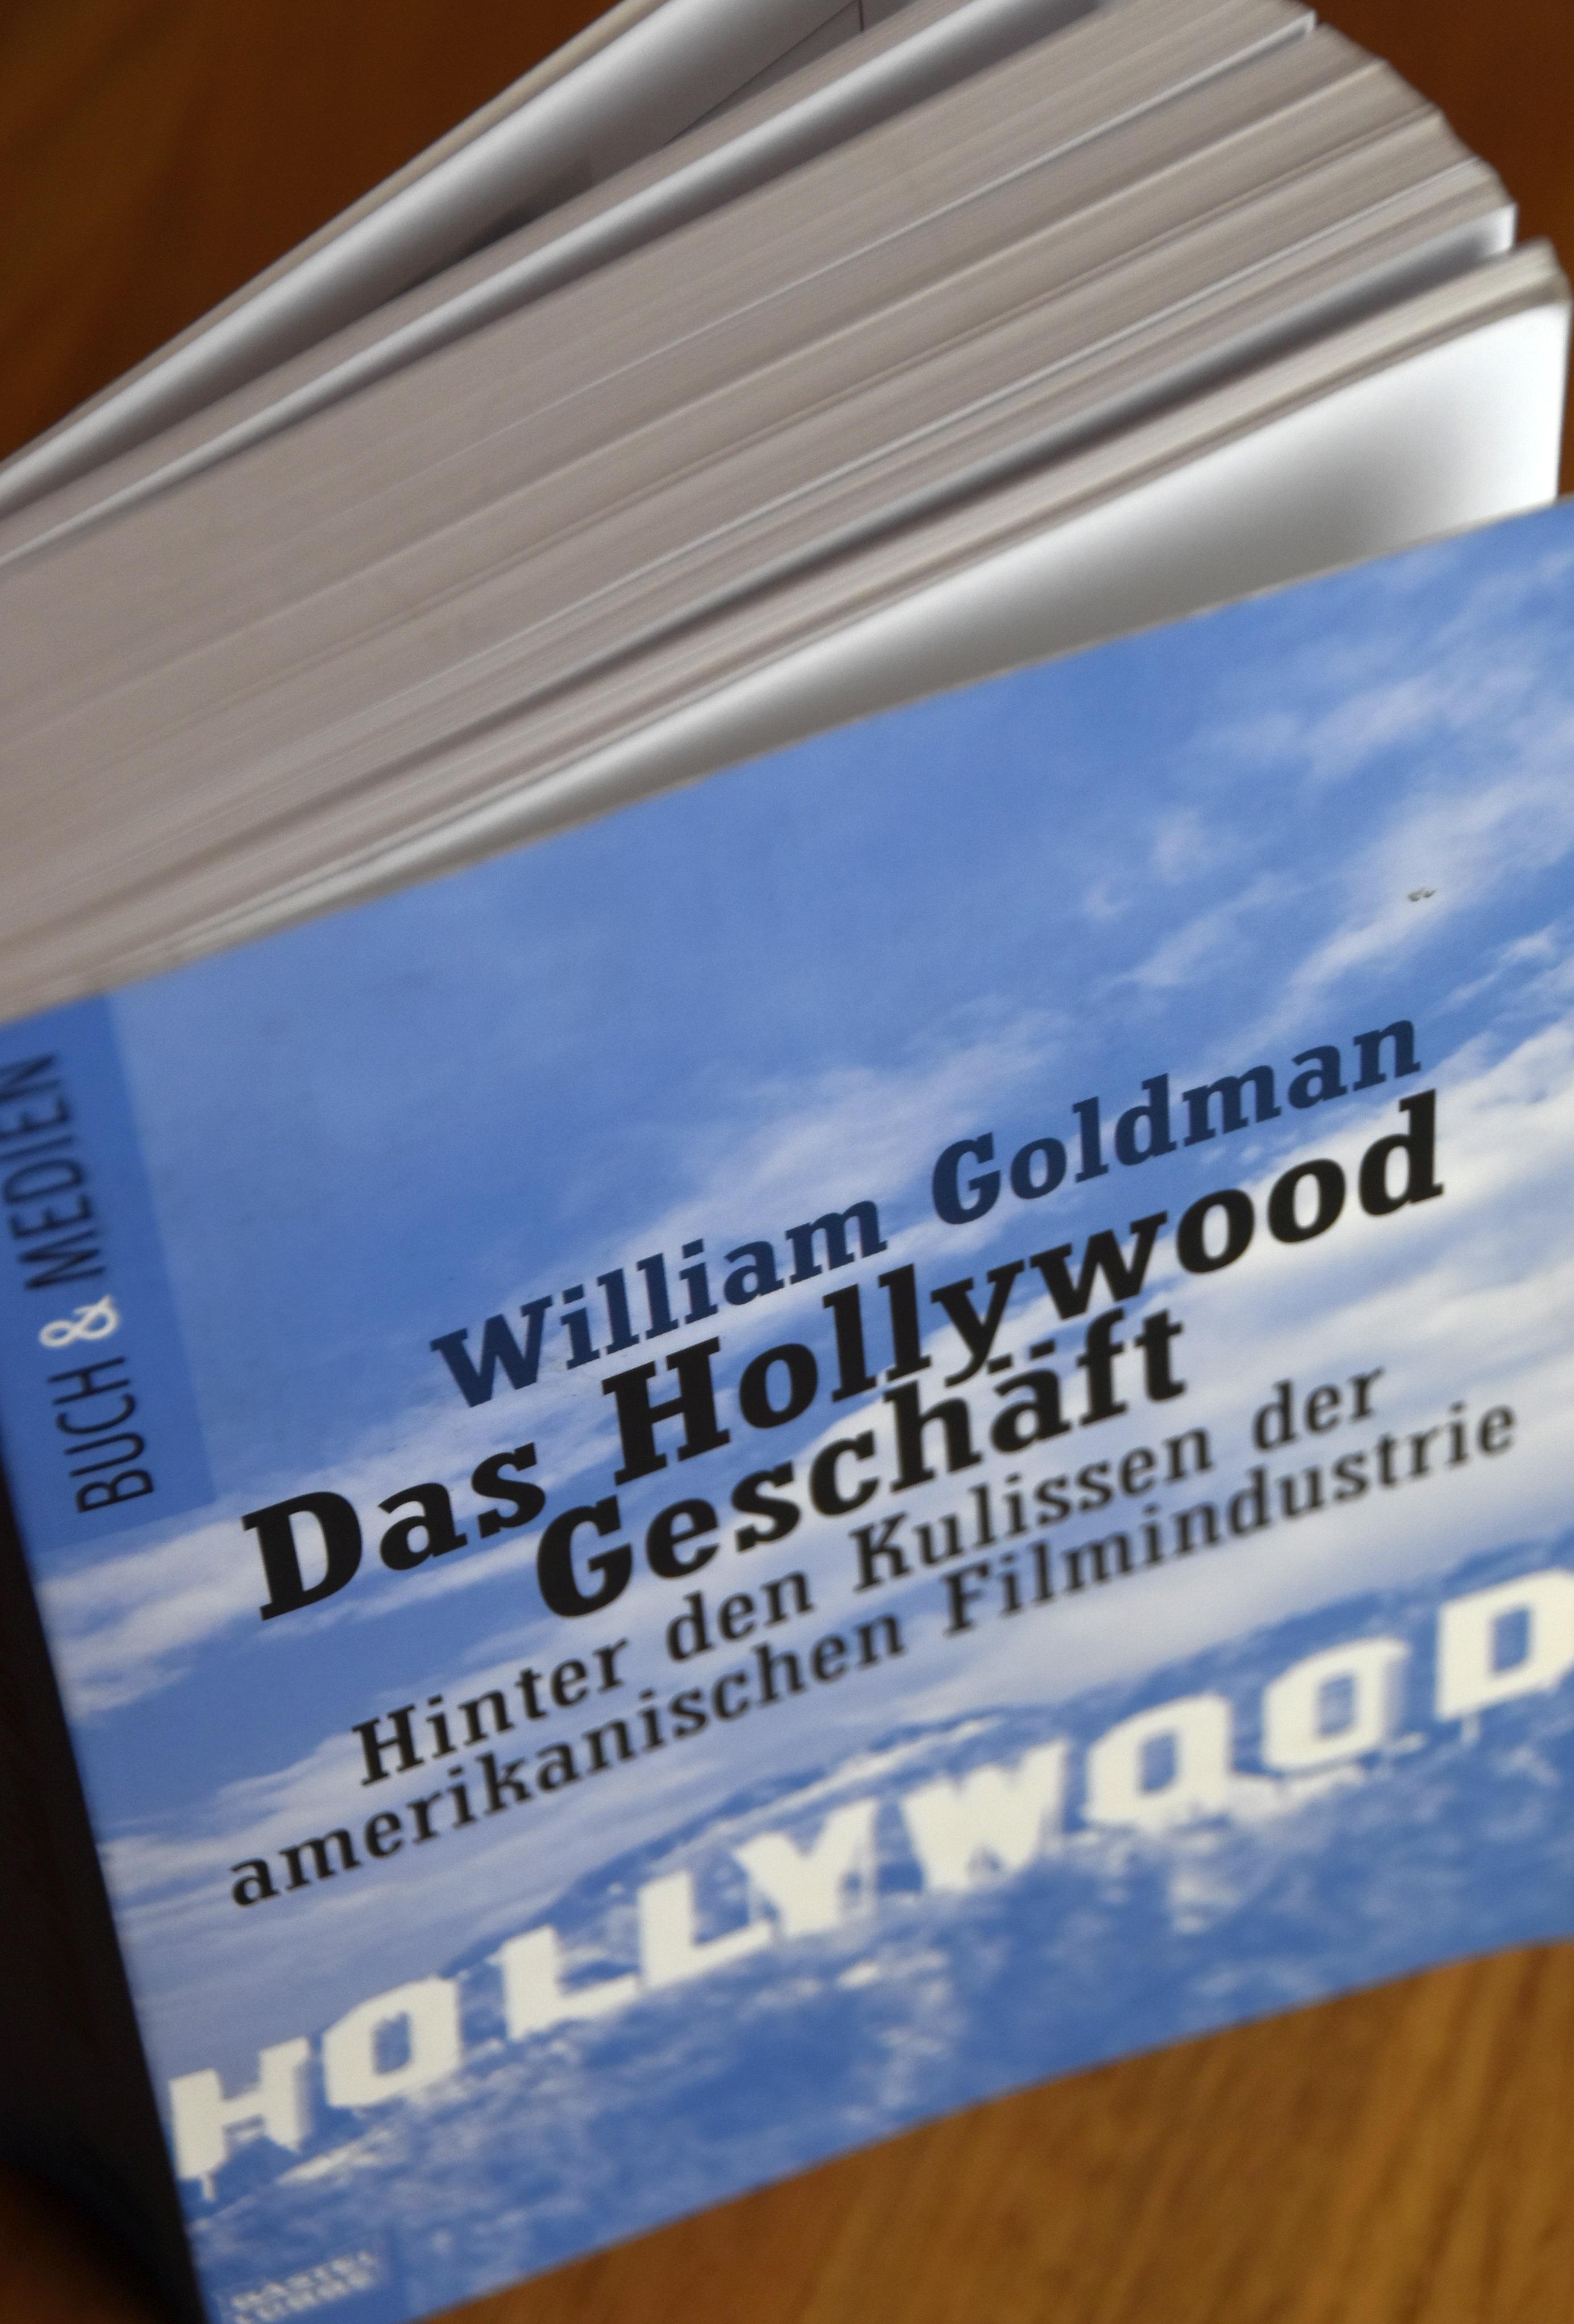 William Goldman: Das Hollywood-Geschäft